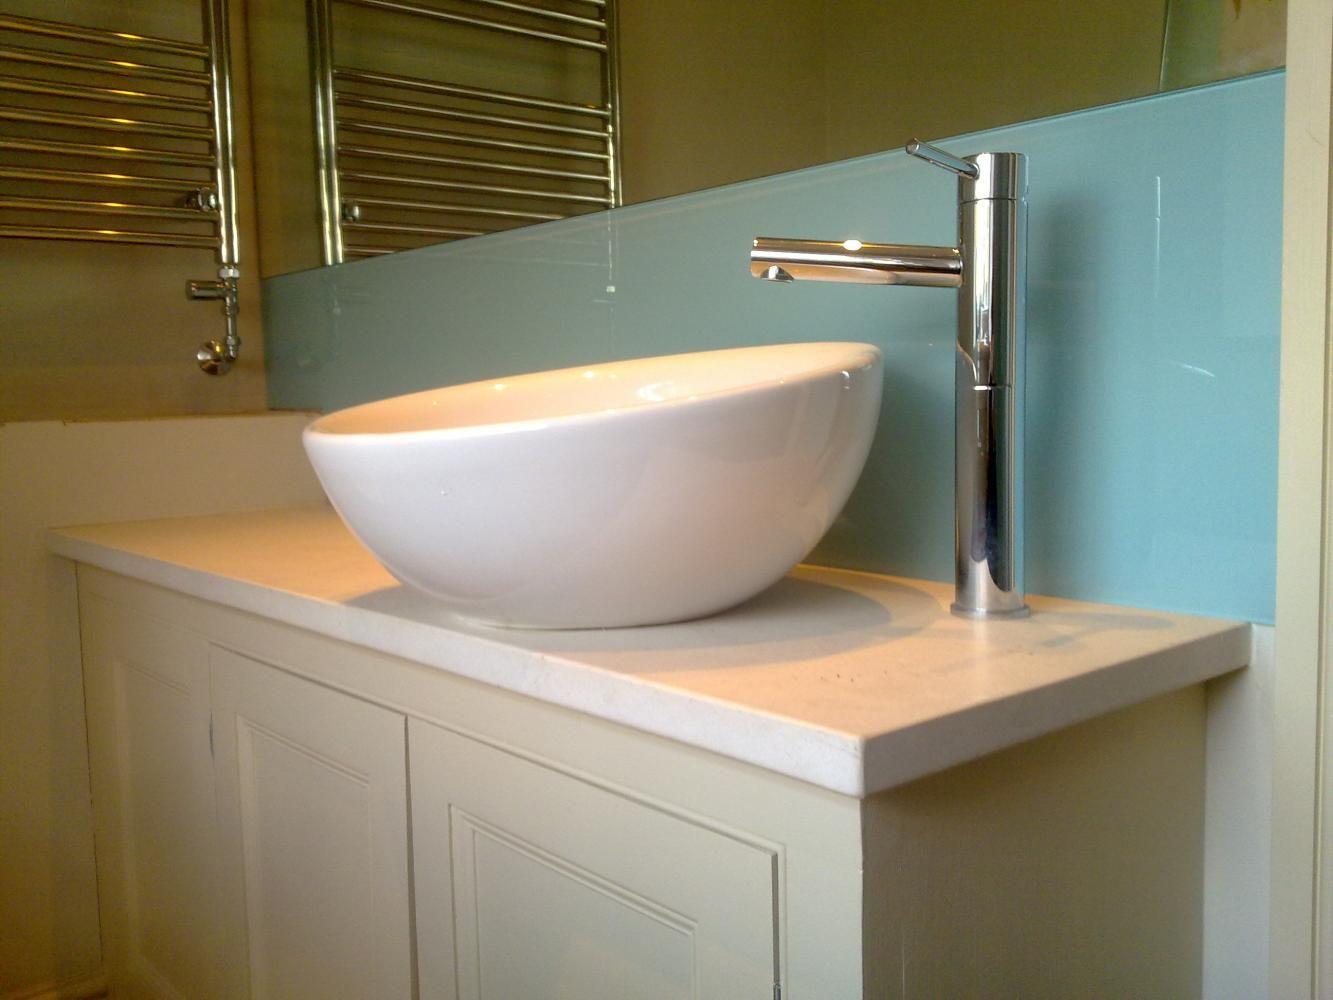 Splashback For Bathroom Sink. Image Result For Glass Basin Splashback